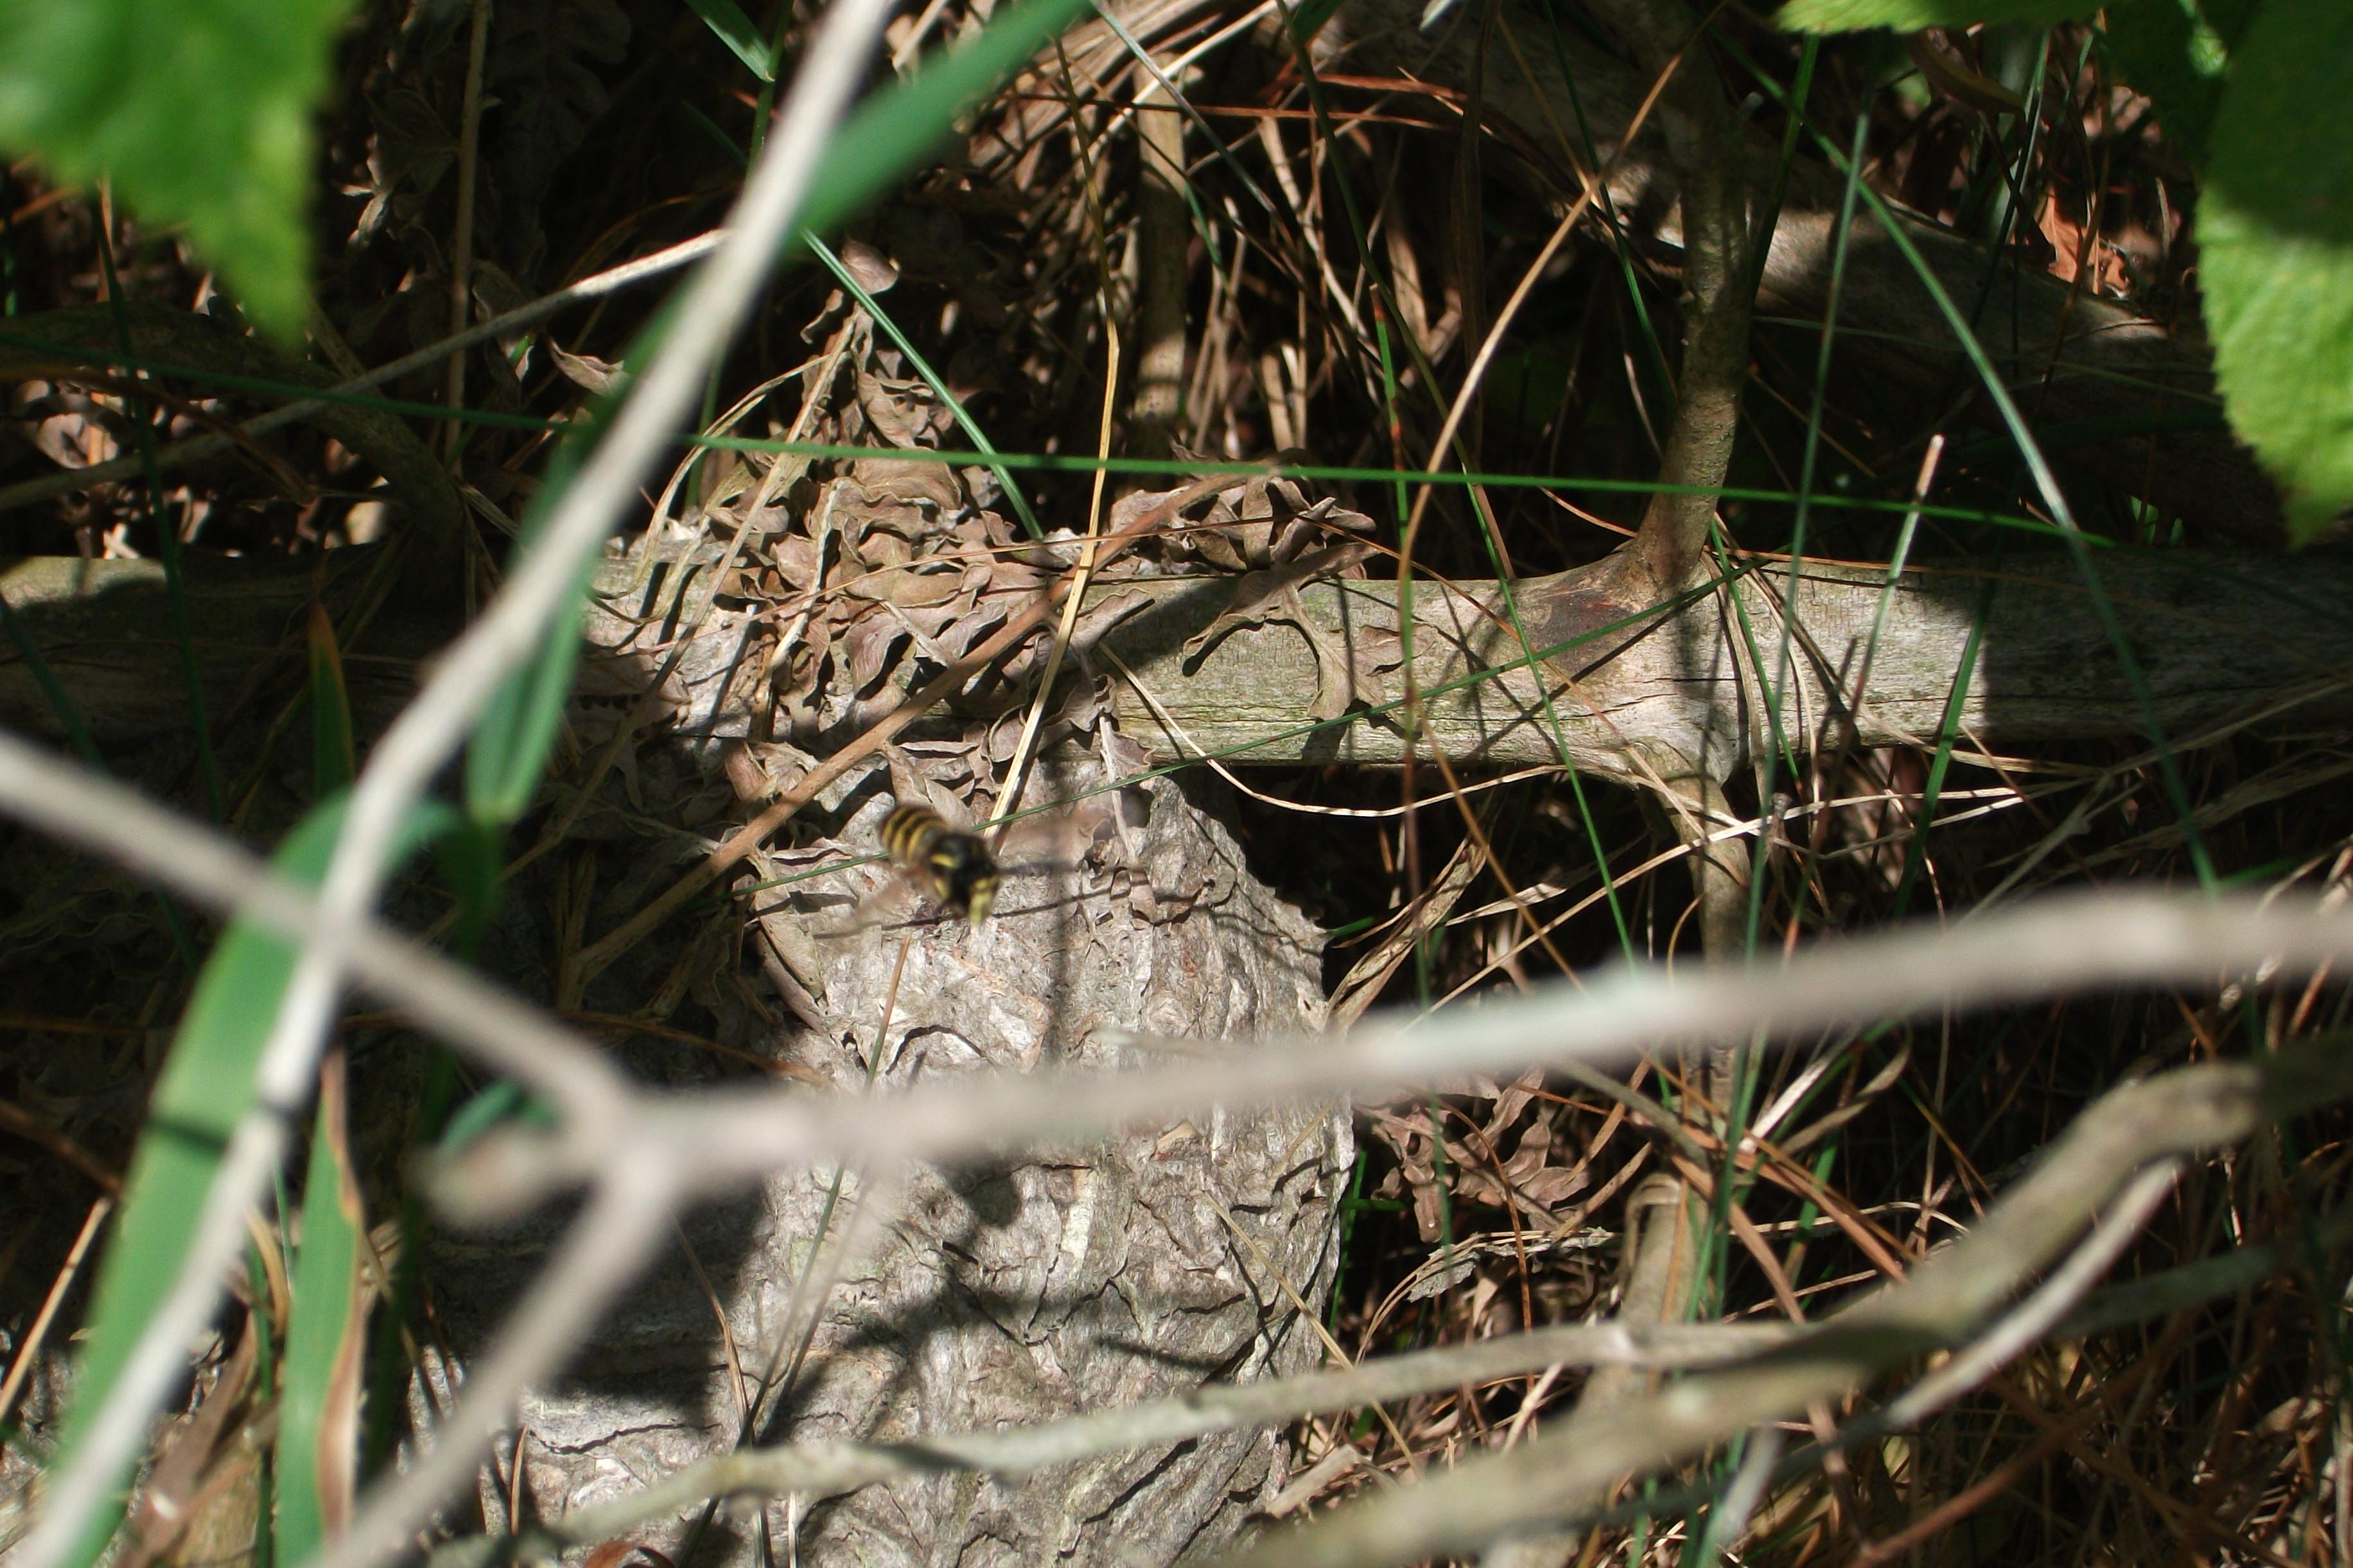 wasp nest in ground - HD3664×2442